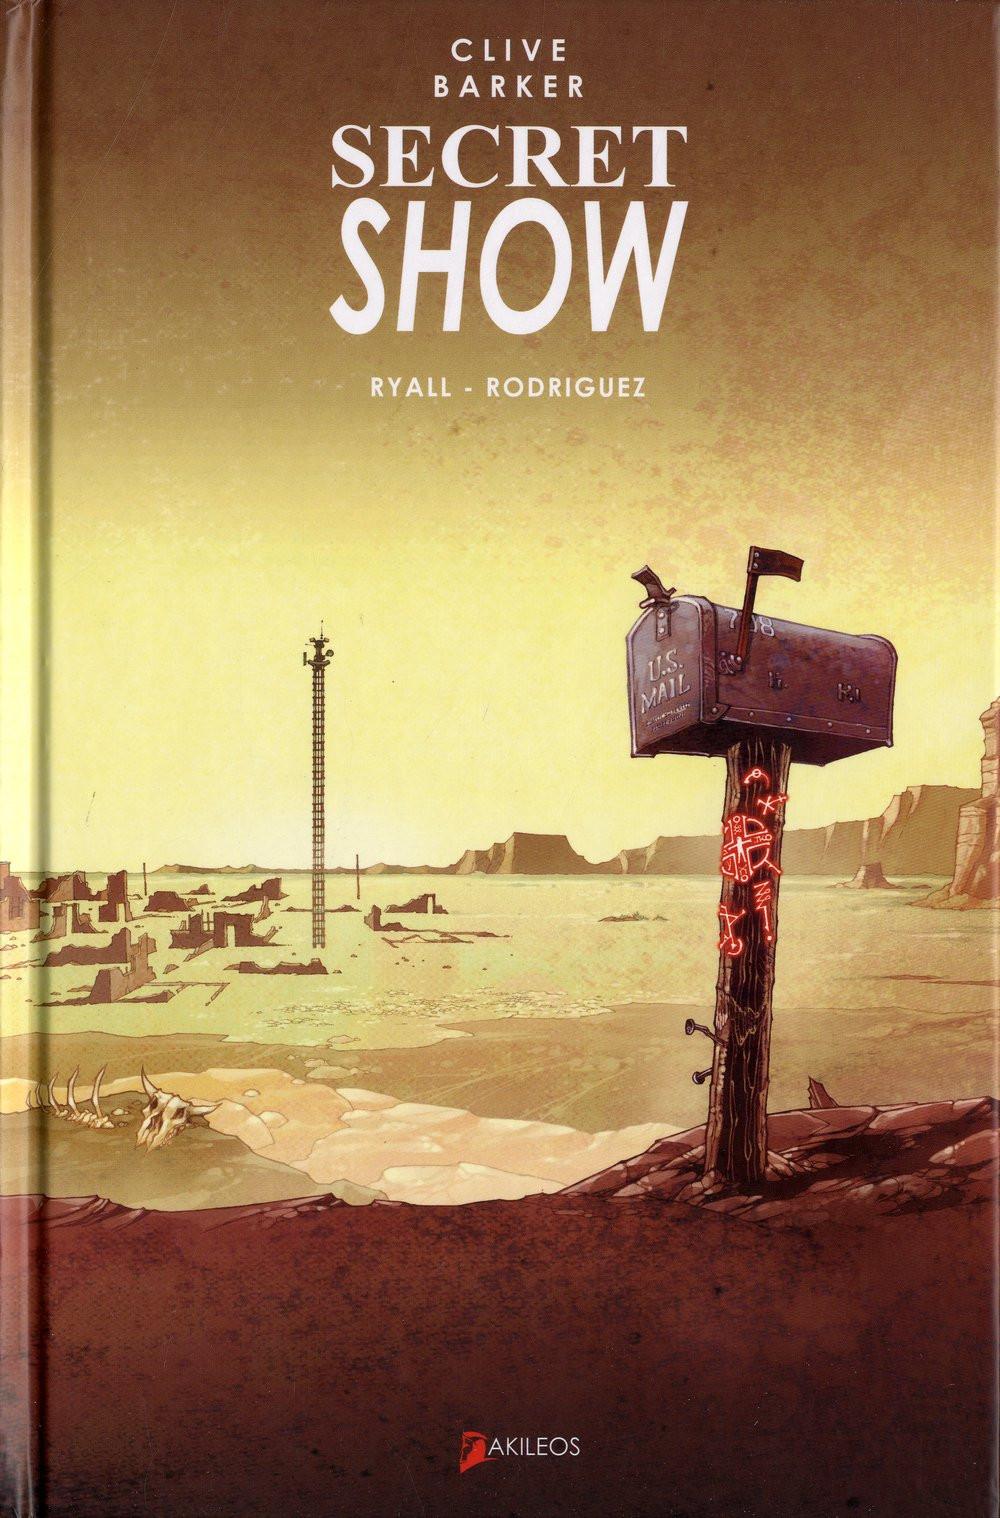 édition française couverture de Gabriel Rodriguez